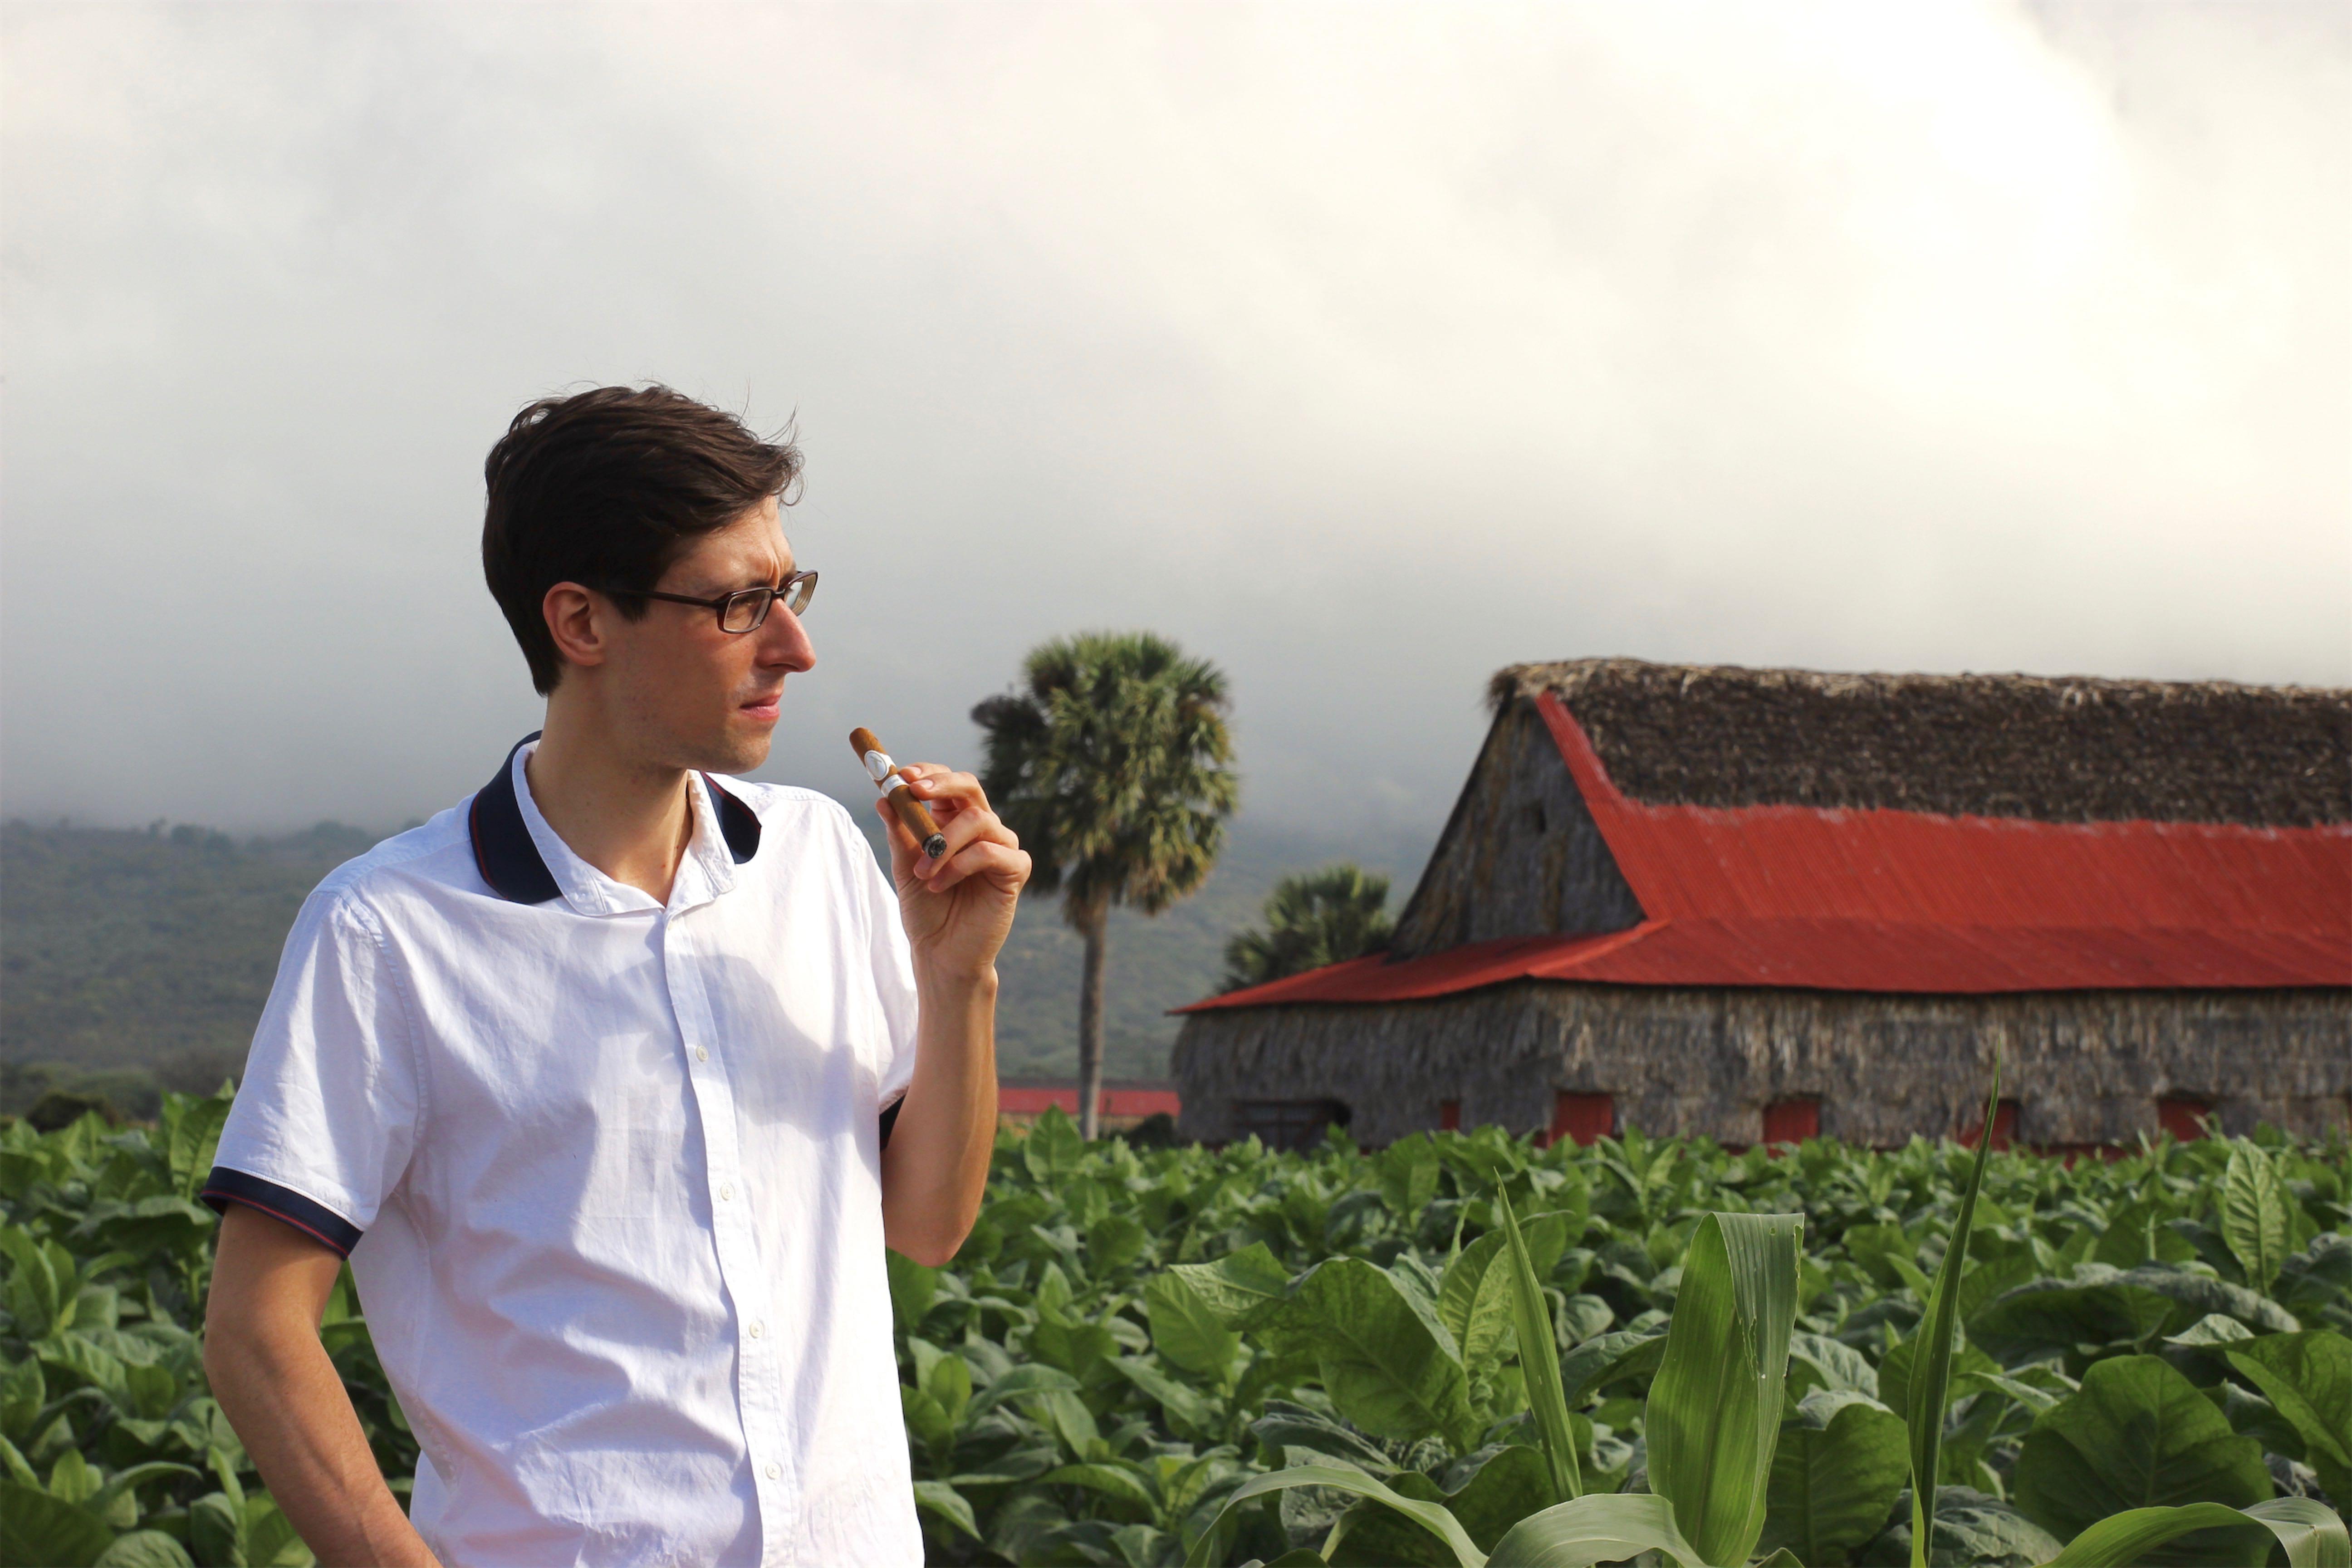 Dominikana… Wkroczyłem na drogę tytoniu